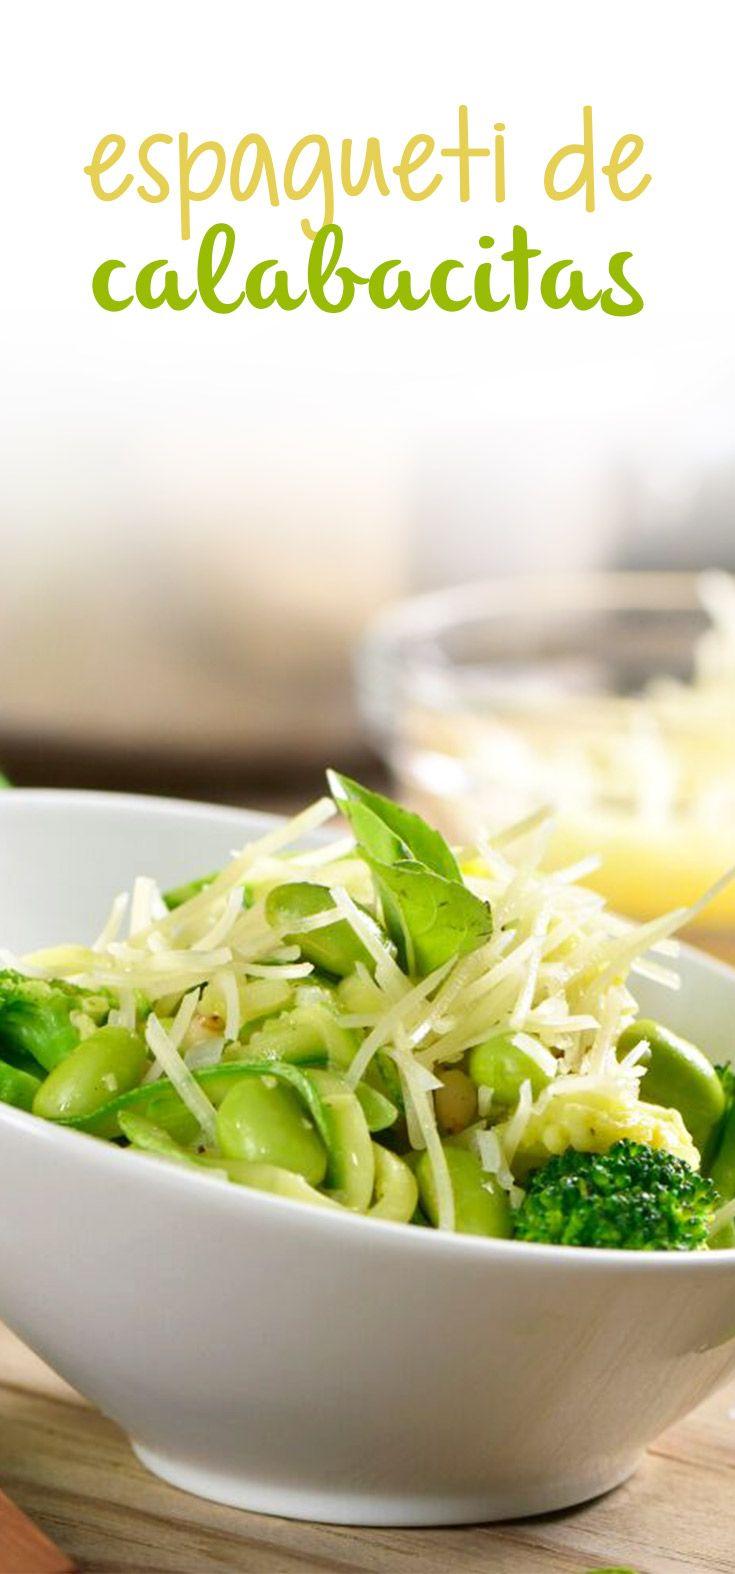 Si te encantan las pastas y estas cuidando tu consumo de carbohidratos, esta receta de spaghetti de calabaza te encantará, no notaras la diferencia entre las calabazas y la pasta y seguro a tus hijos les encantará.